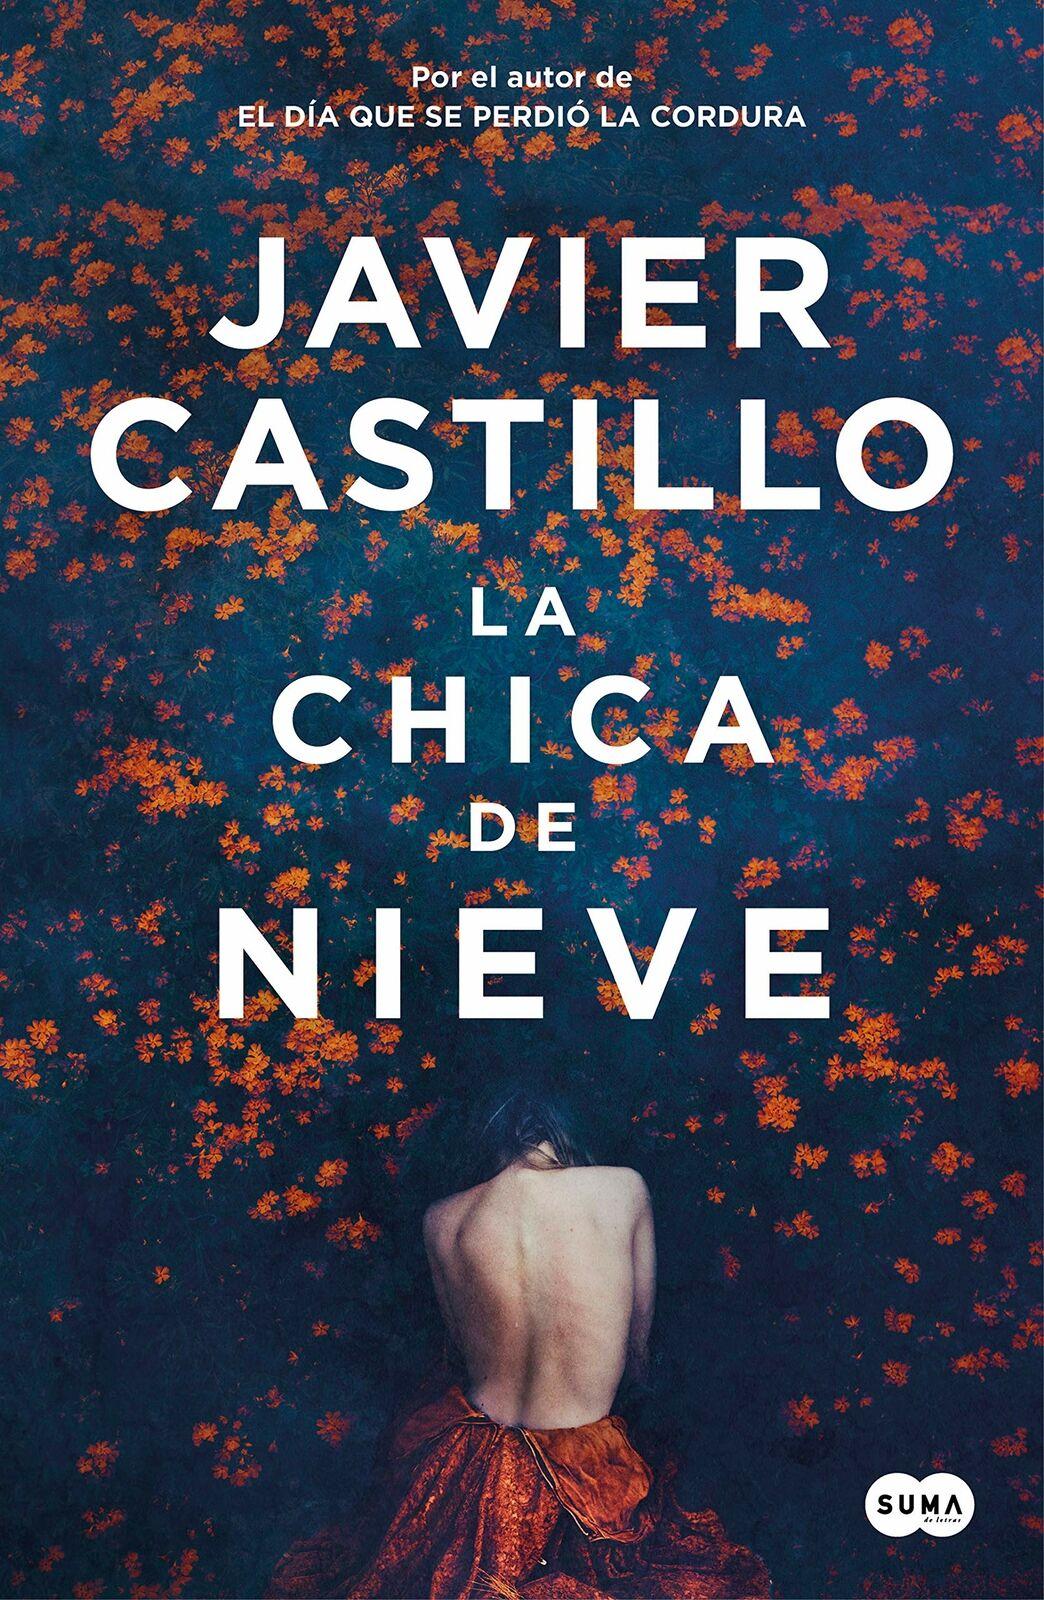 Libro de Javier Castillo: LA CHICA DE NIEVE